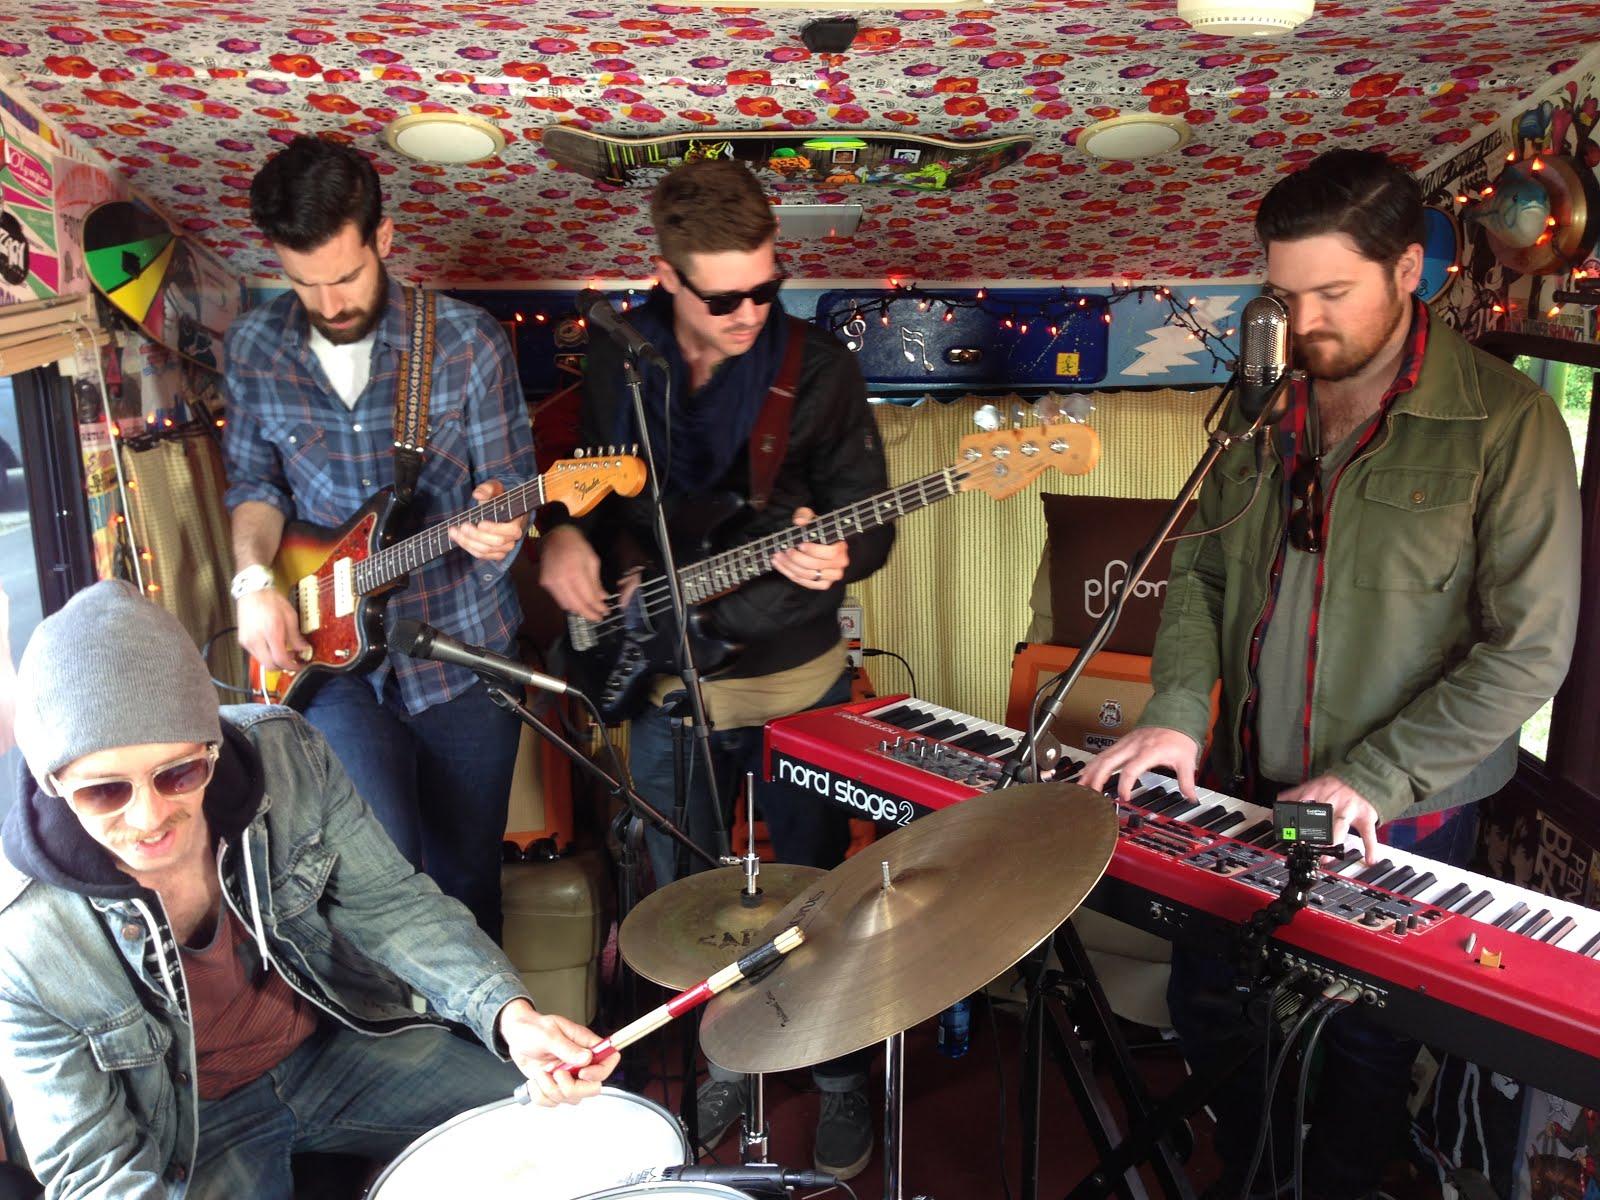 jam in the van.jpg